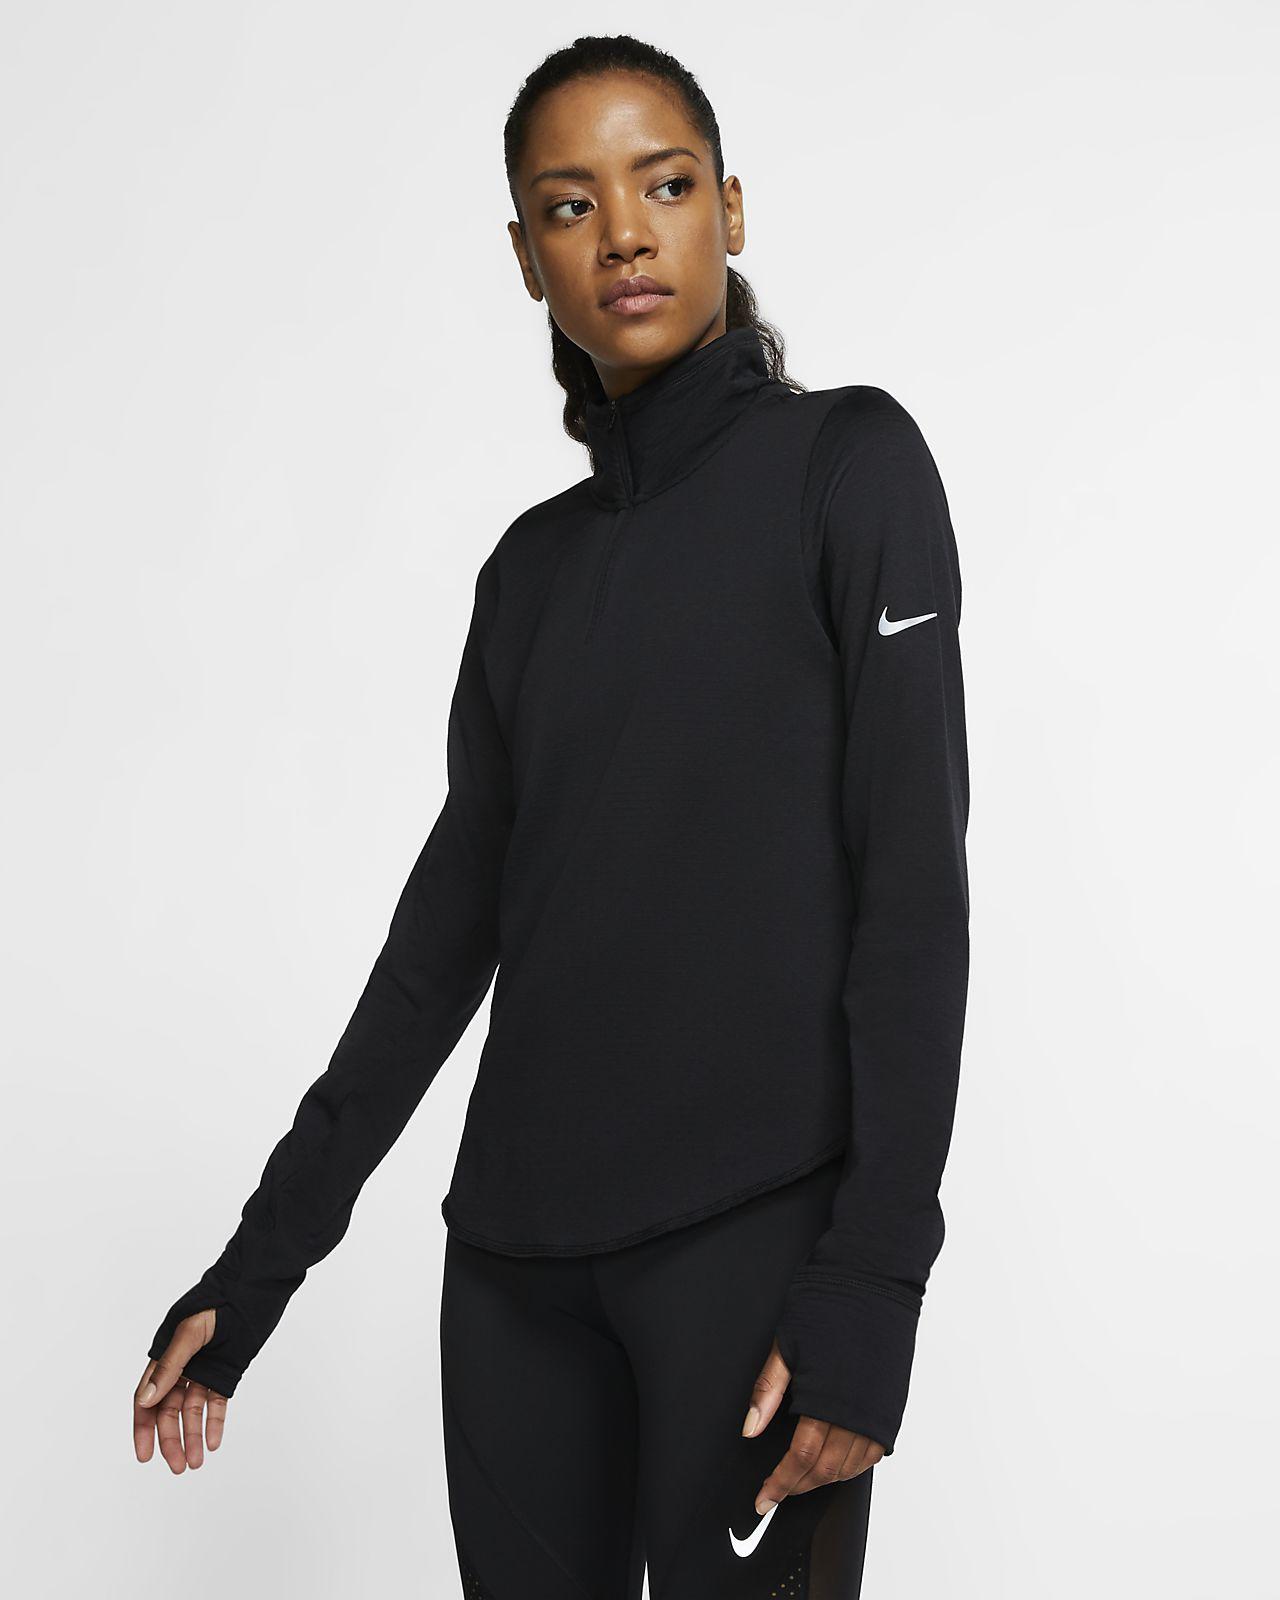 Γυναικεία μπλούζα για τρέξιμο με φερμουάρ στο μισό μήκος Nike Sphere